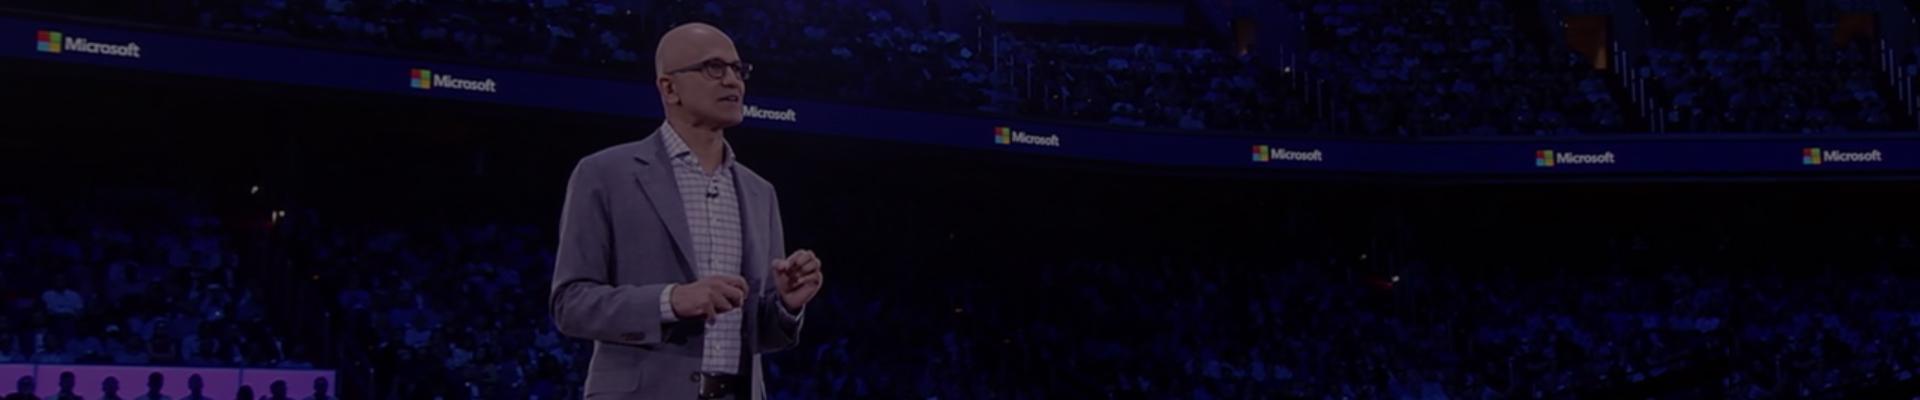 Assista ao Satya anunciar o Microsoft 365